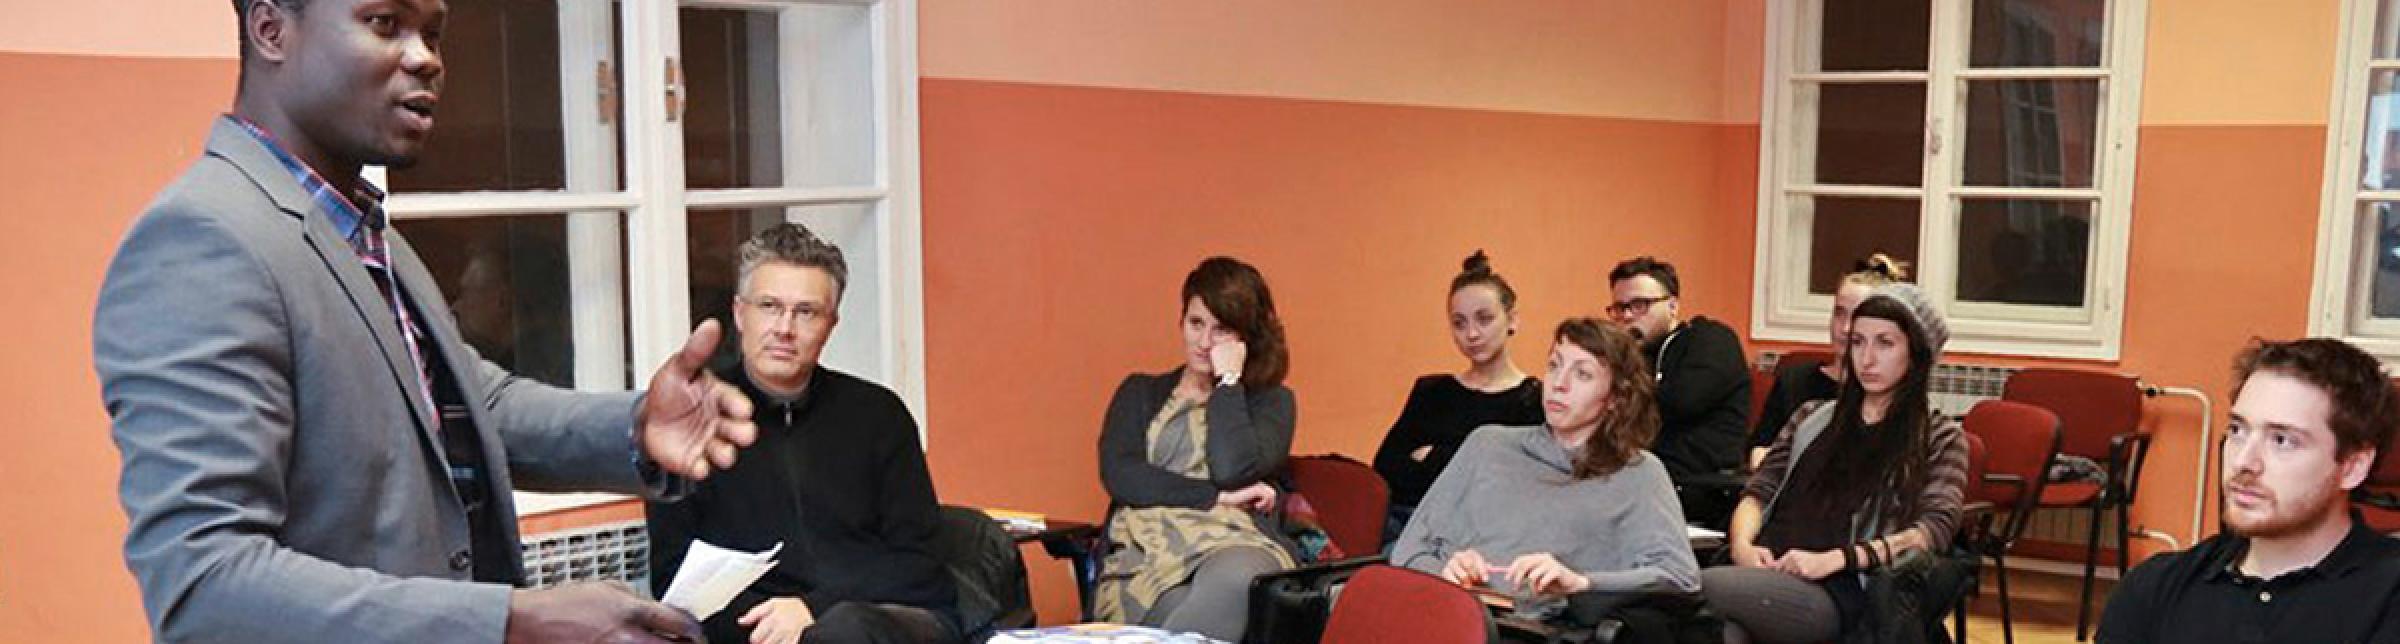 In un'aula di formazione un insegnante di origine africana parla ad un gruppo di persone